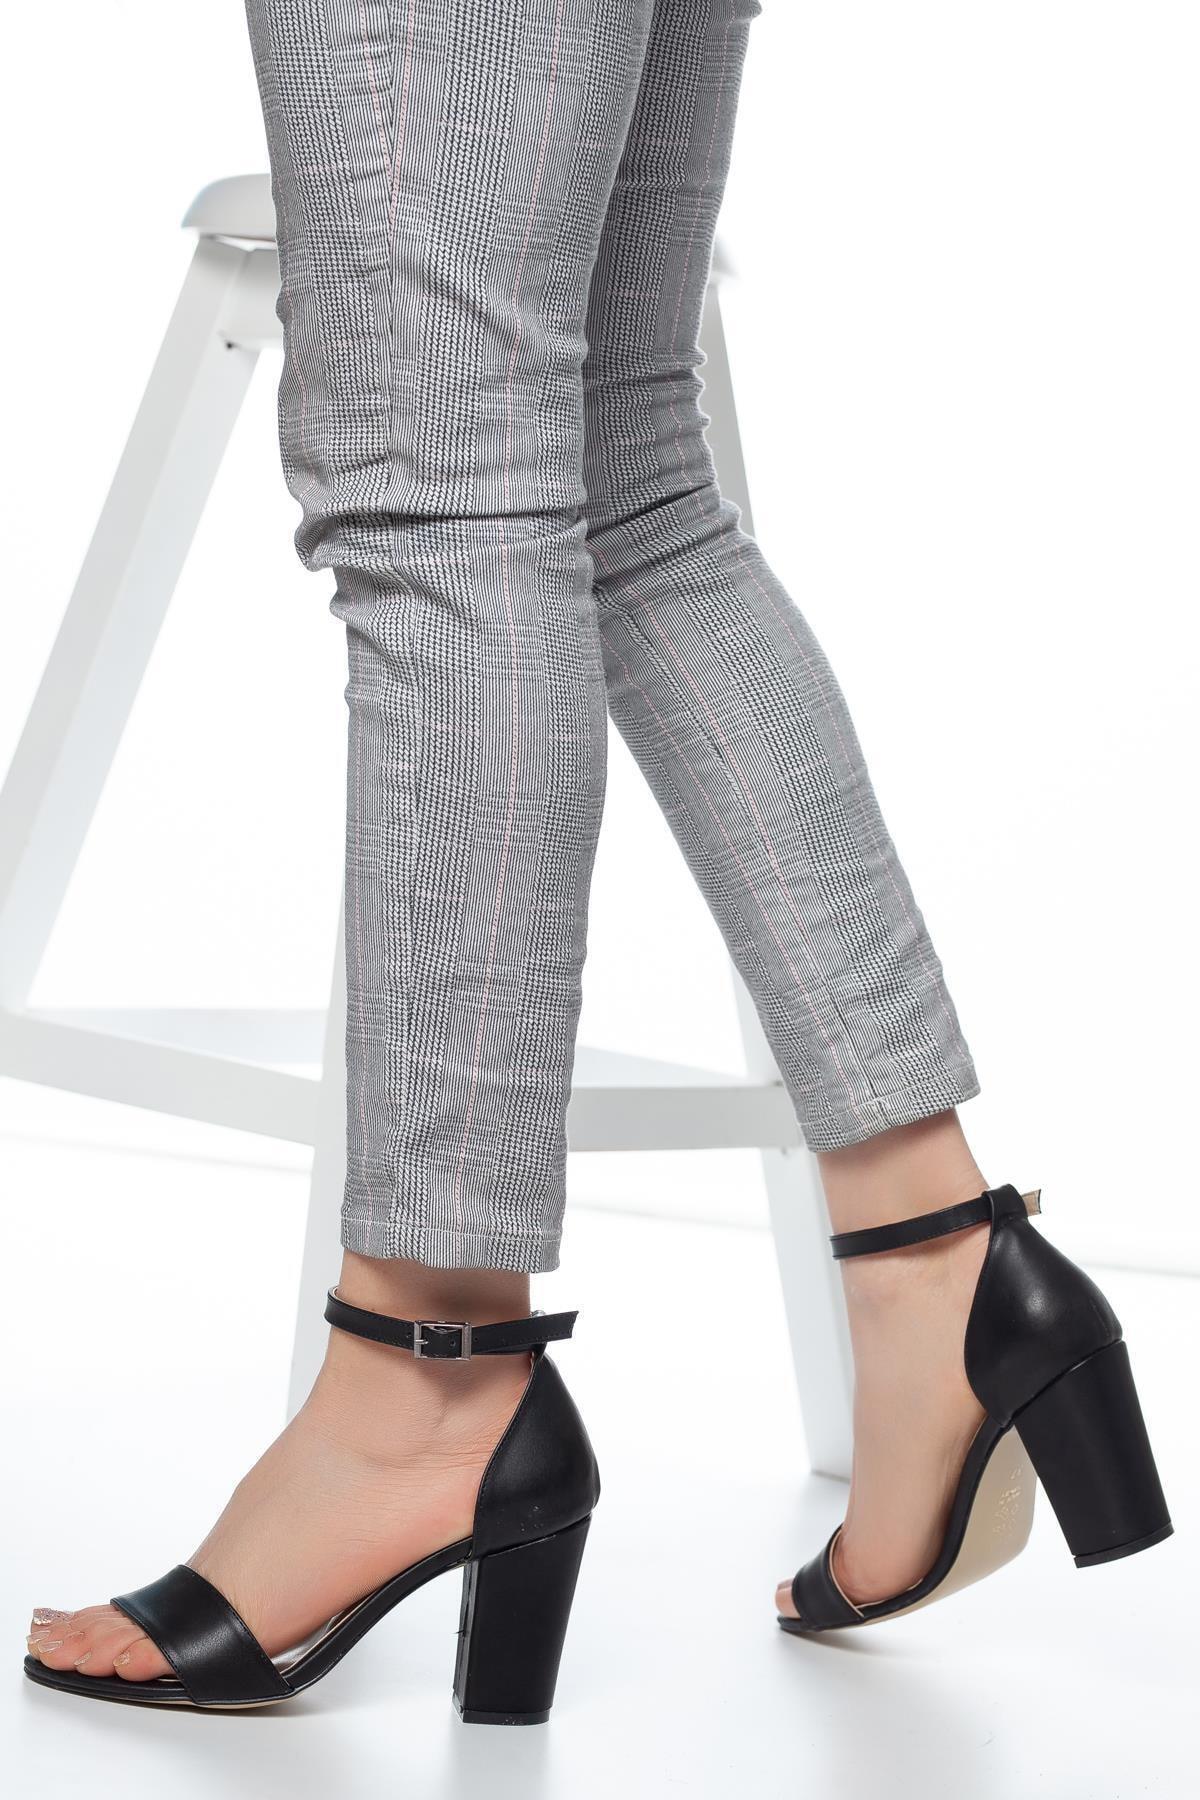 MUGGO W710 Kadın Topuklu Ayakkabı 2